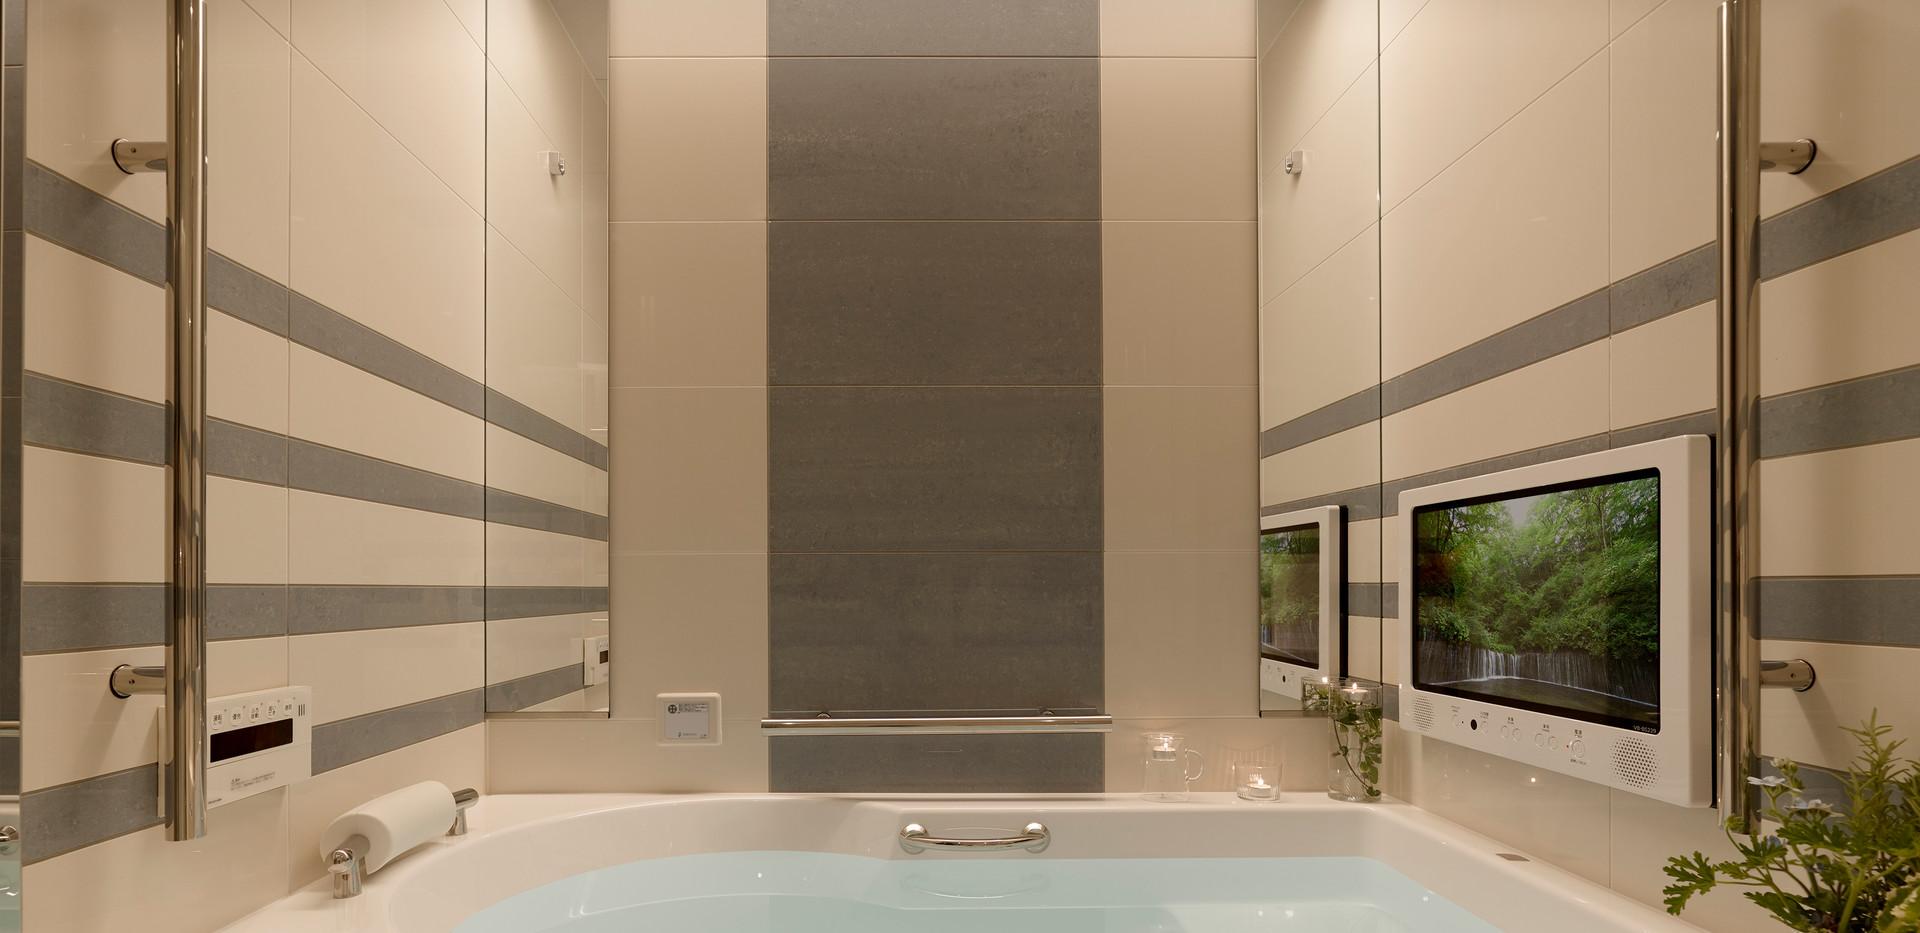 System-bath_Verde.jpg